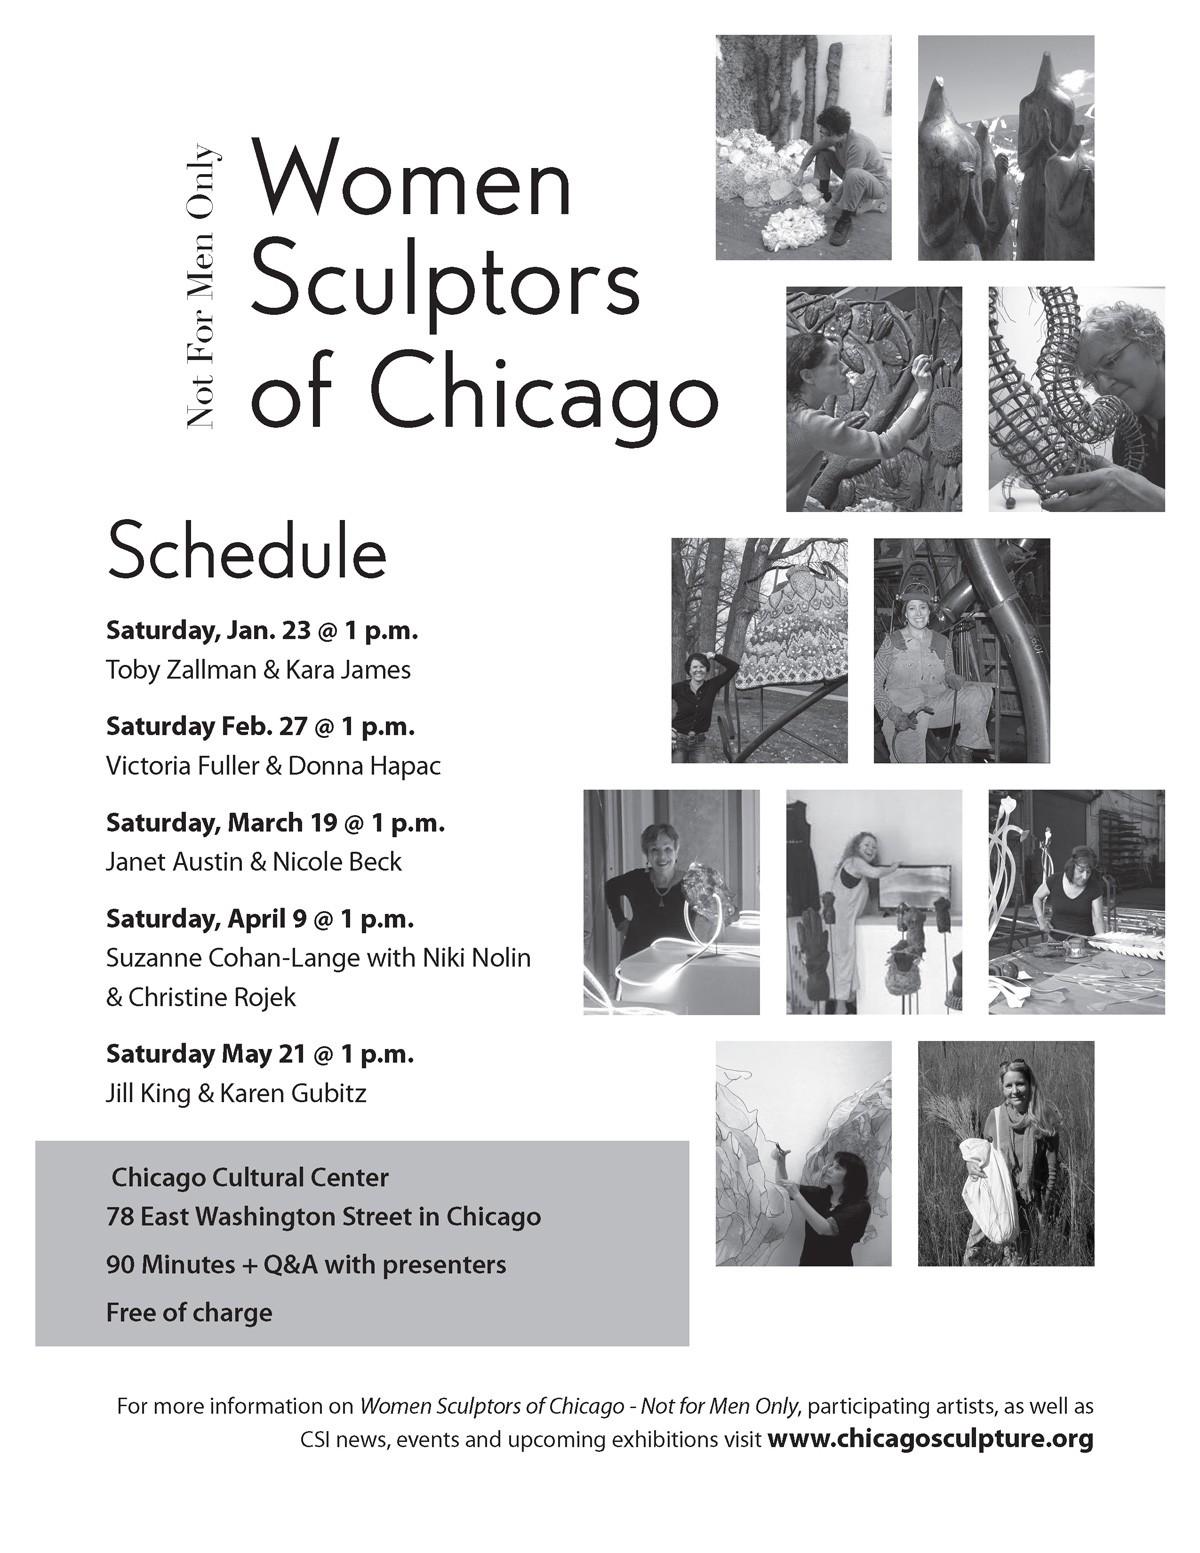 WomenSculptorsOfChicago_Flier_12.28_Page_2-1200x1553.jpg